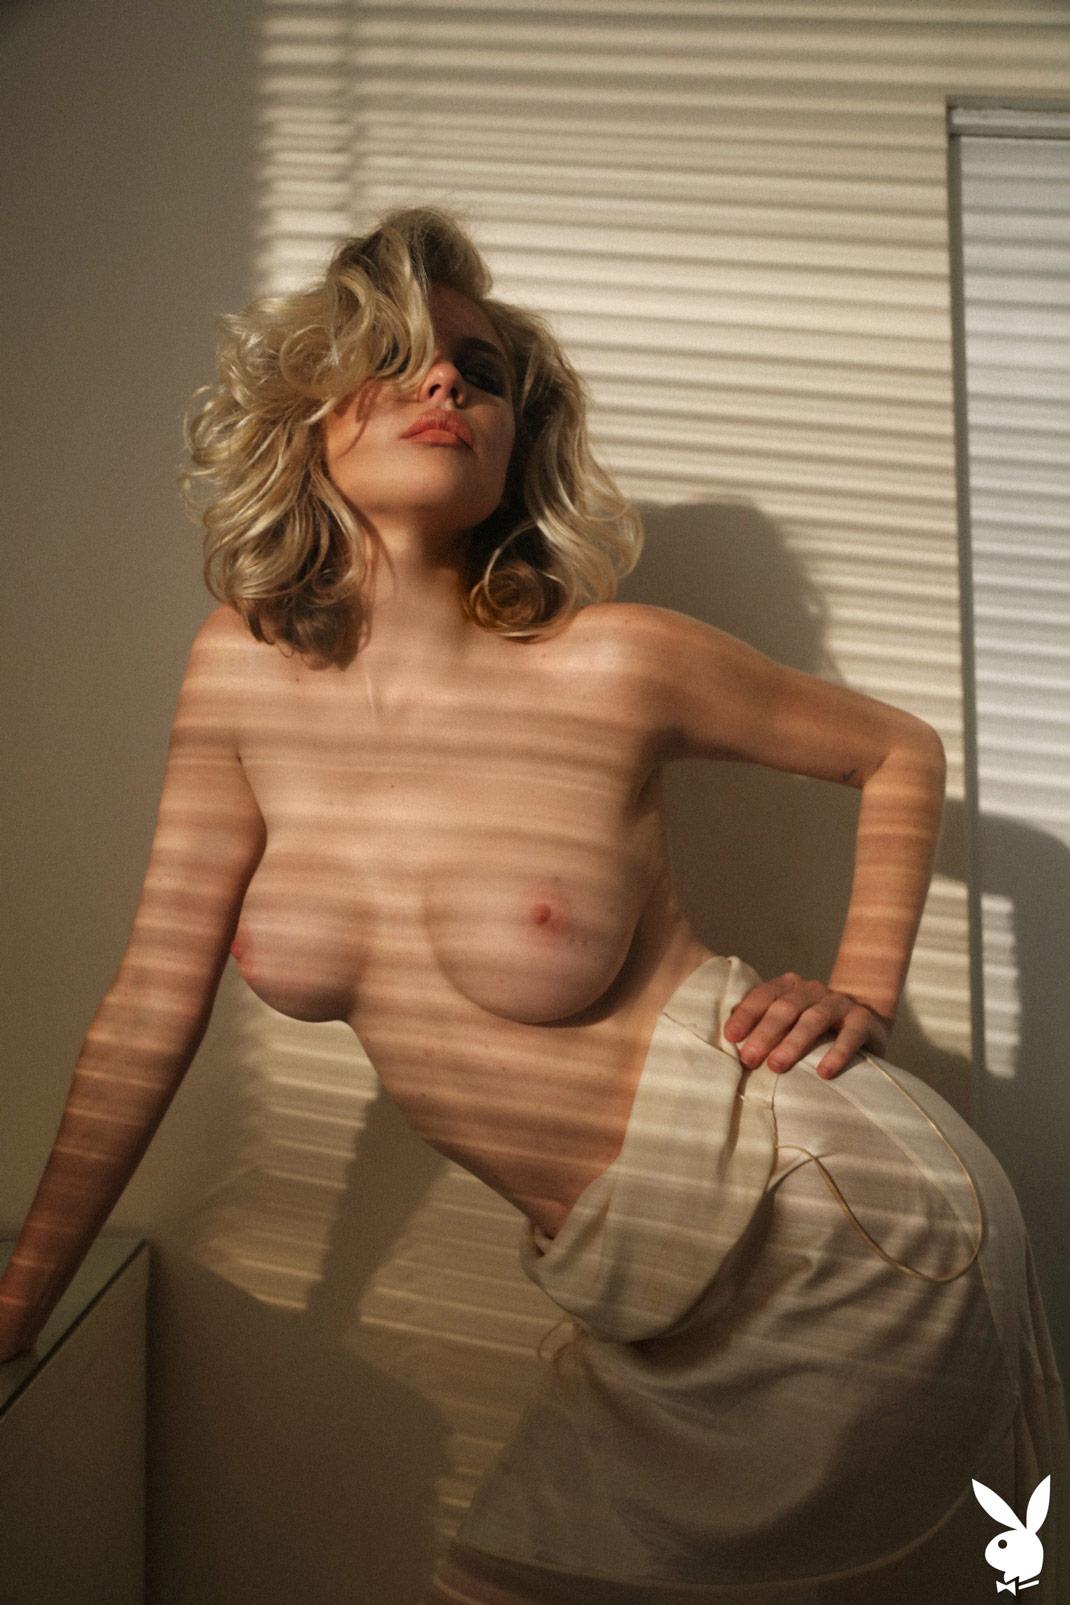 Taylor collins nude